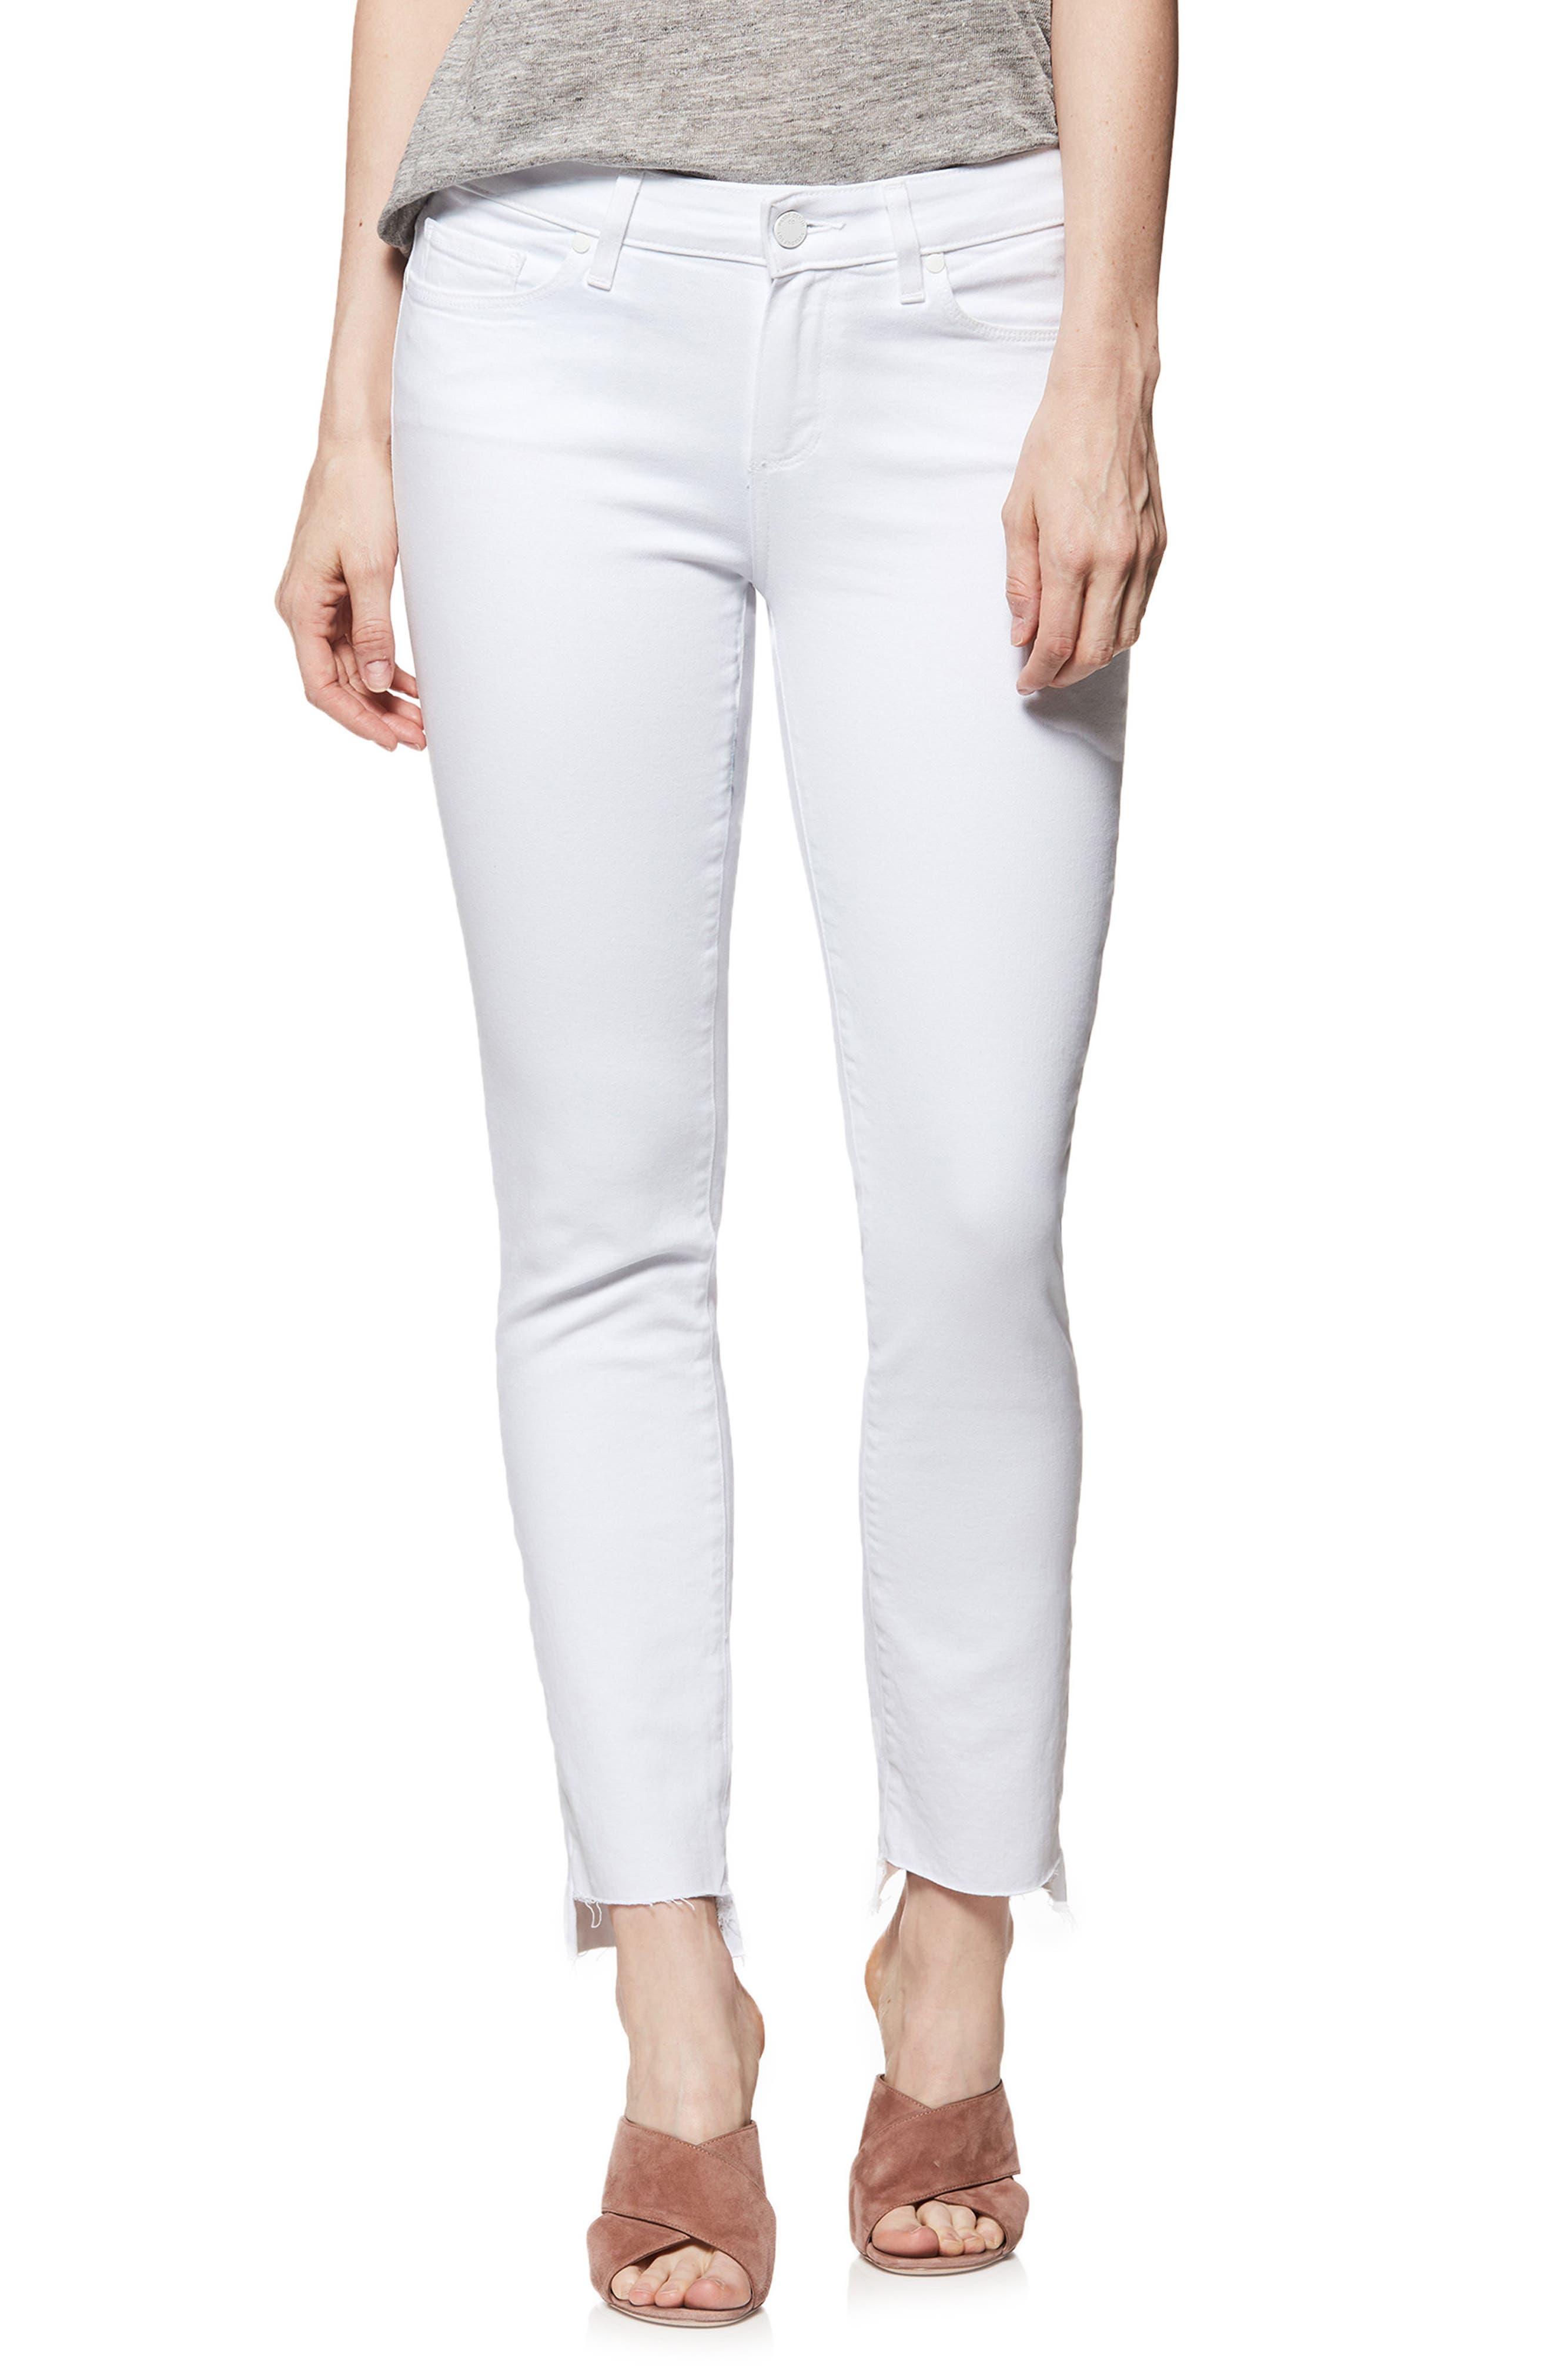 Skyline Ankle Skinny Jeans,                             Main thumbnail 1, color,                             Crisp White